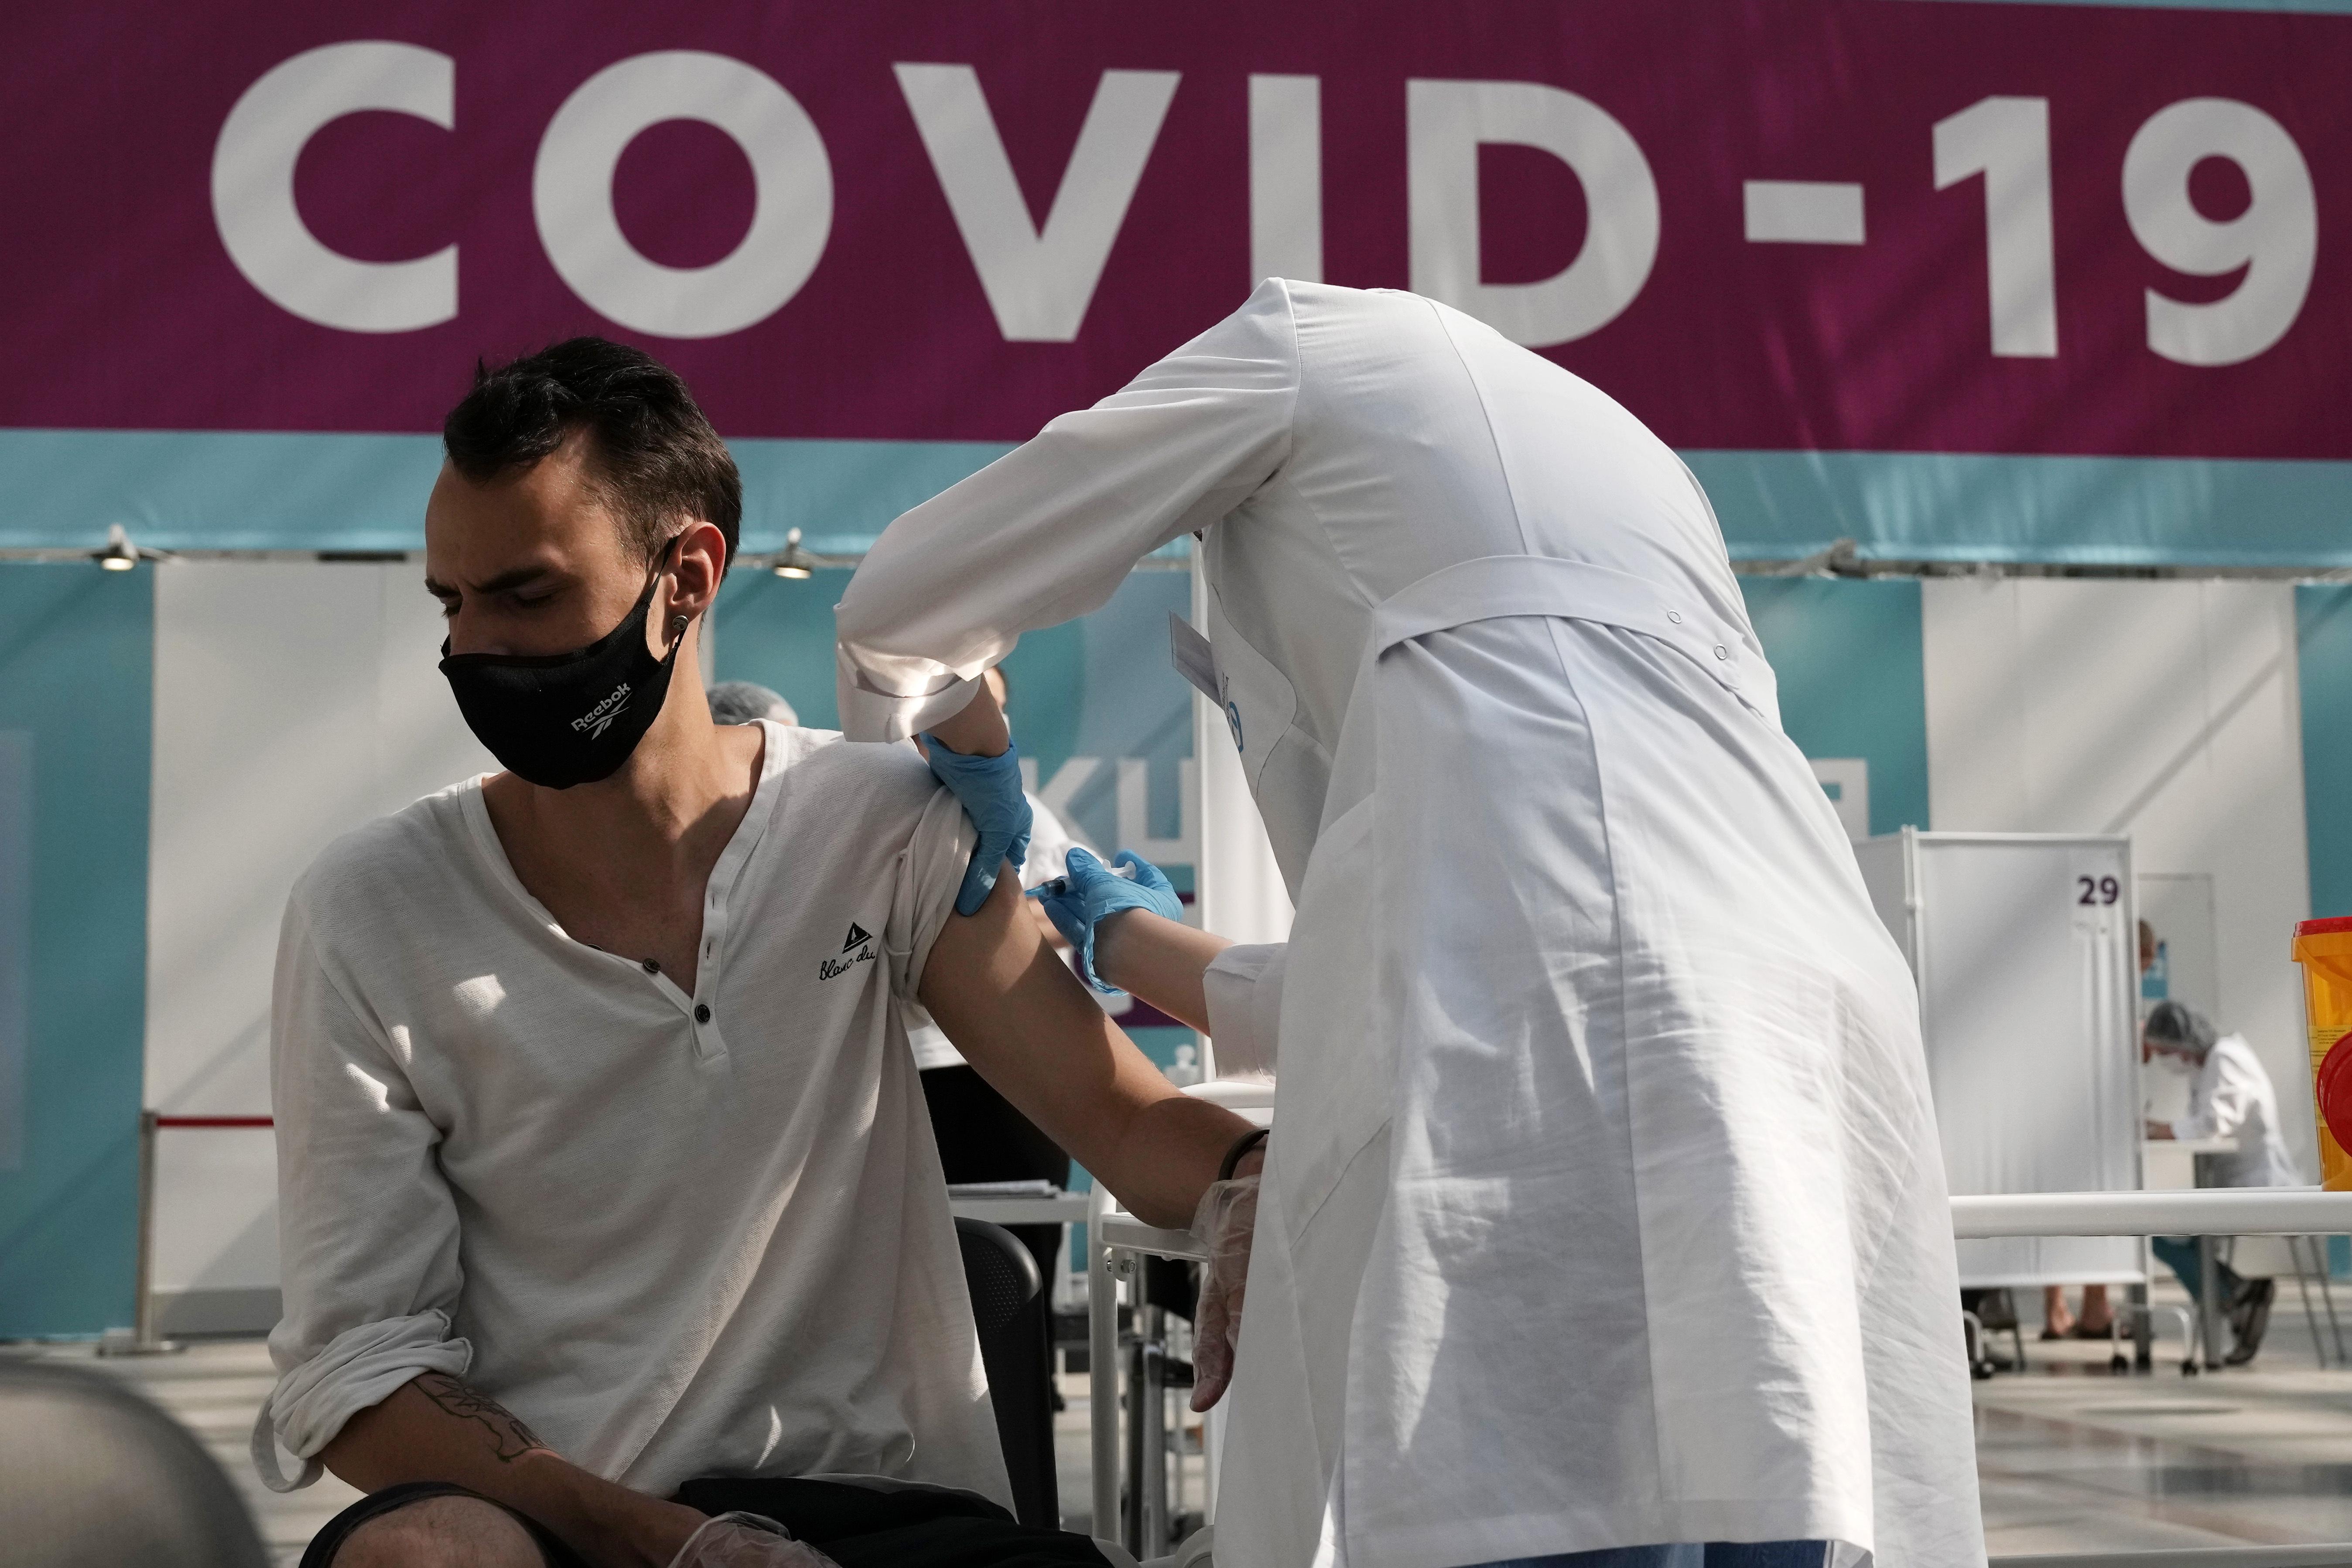 Aktuálne informácie o Koronavíruse COVID-19 na Slovensku ku dňu 27. 9. 2021